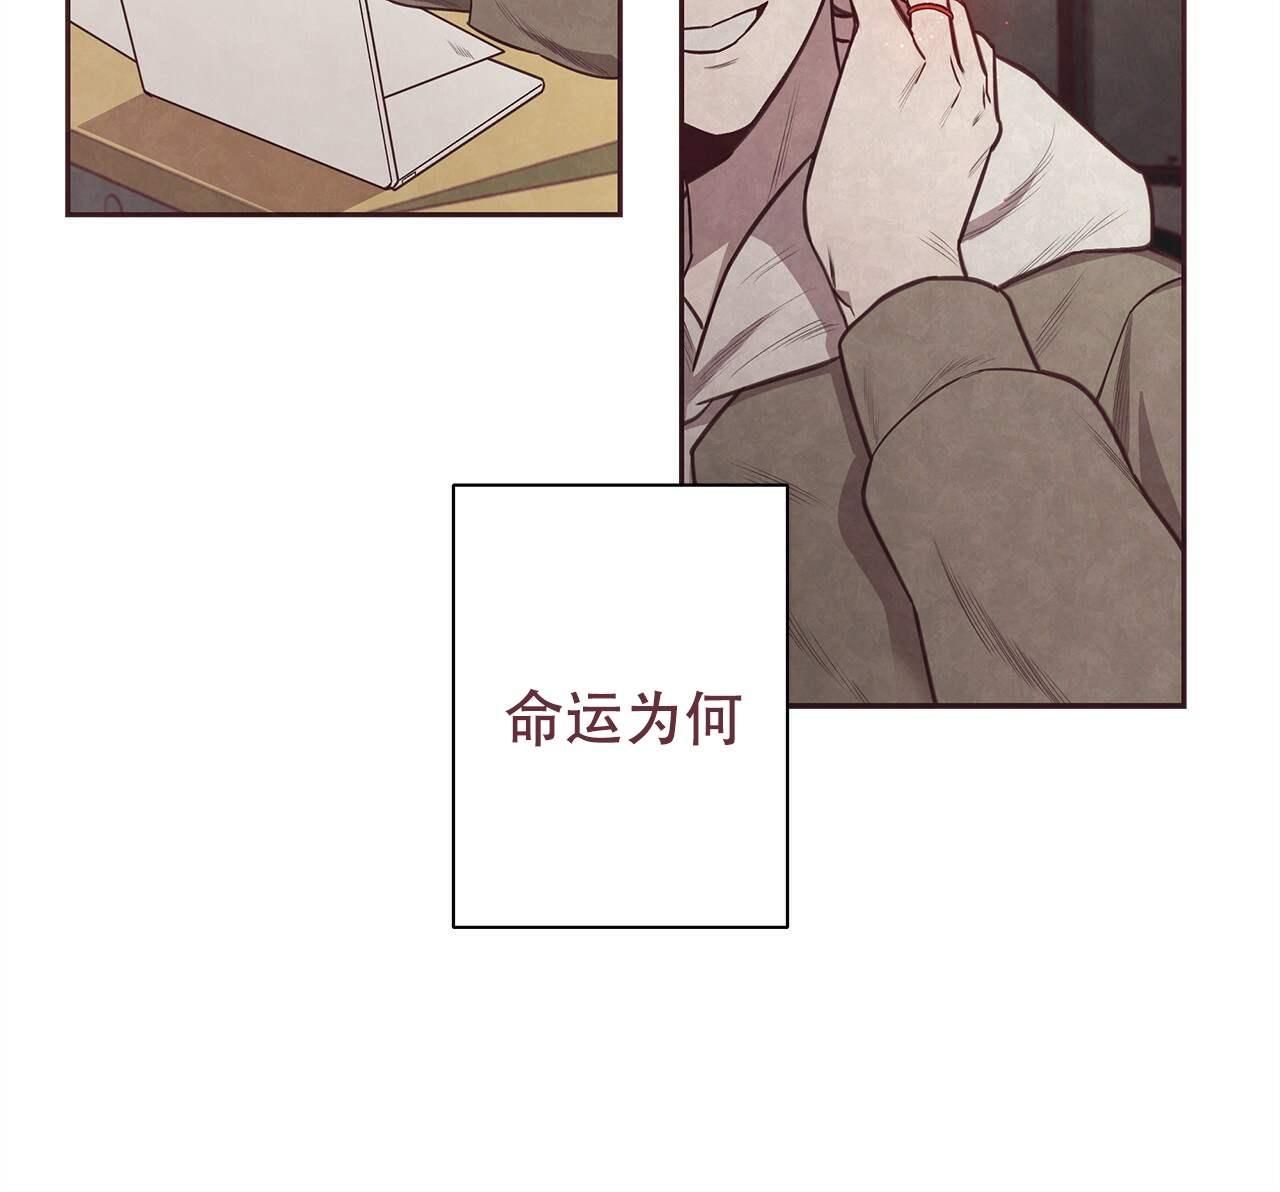 韩漫《命运的指环》禁欲系美攻,醉后猛扑!